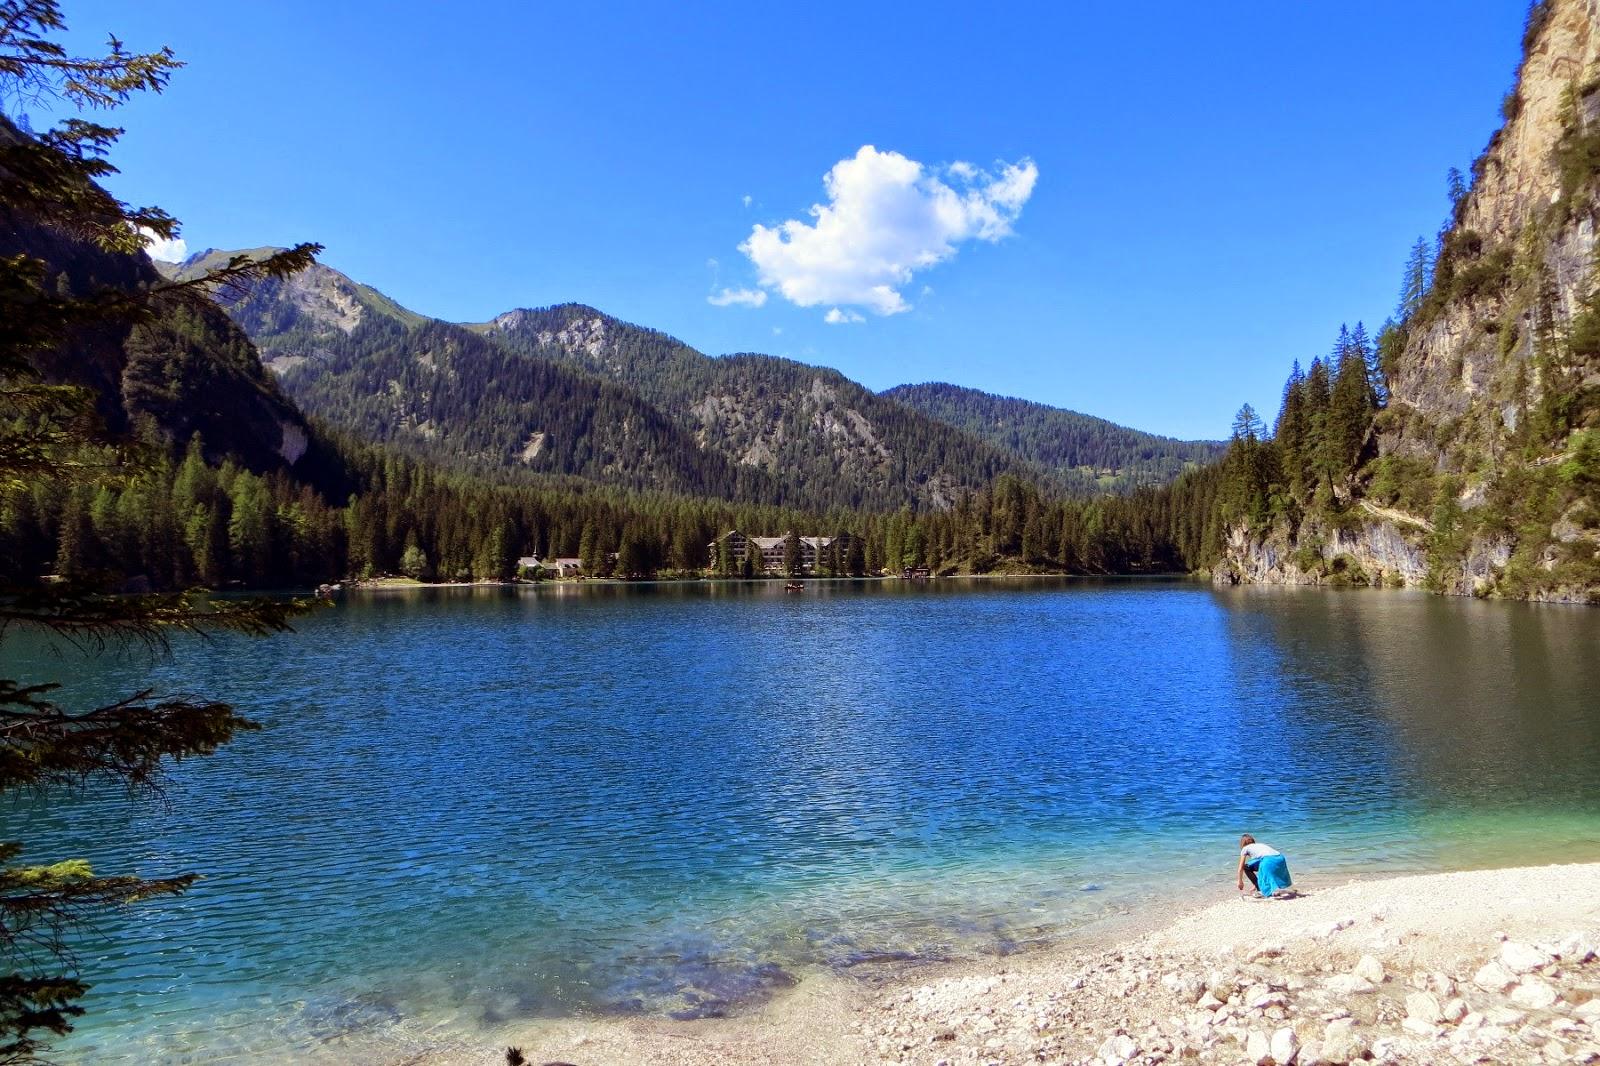 giro del lago di braies in val pusteria